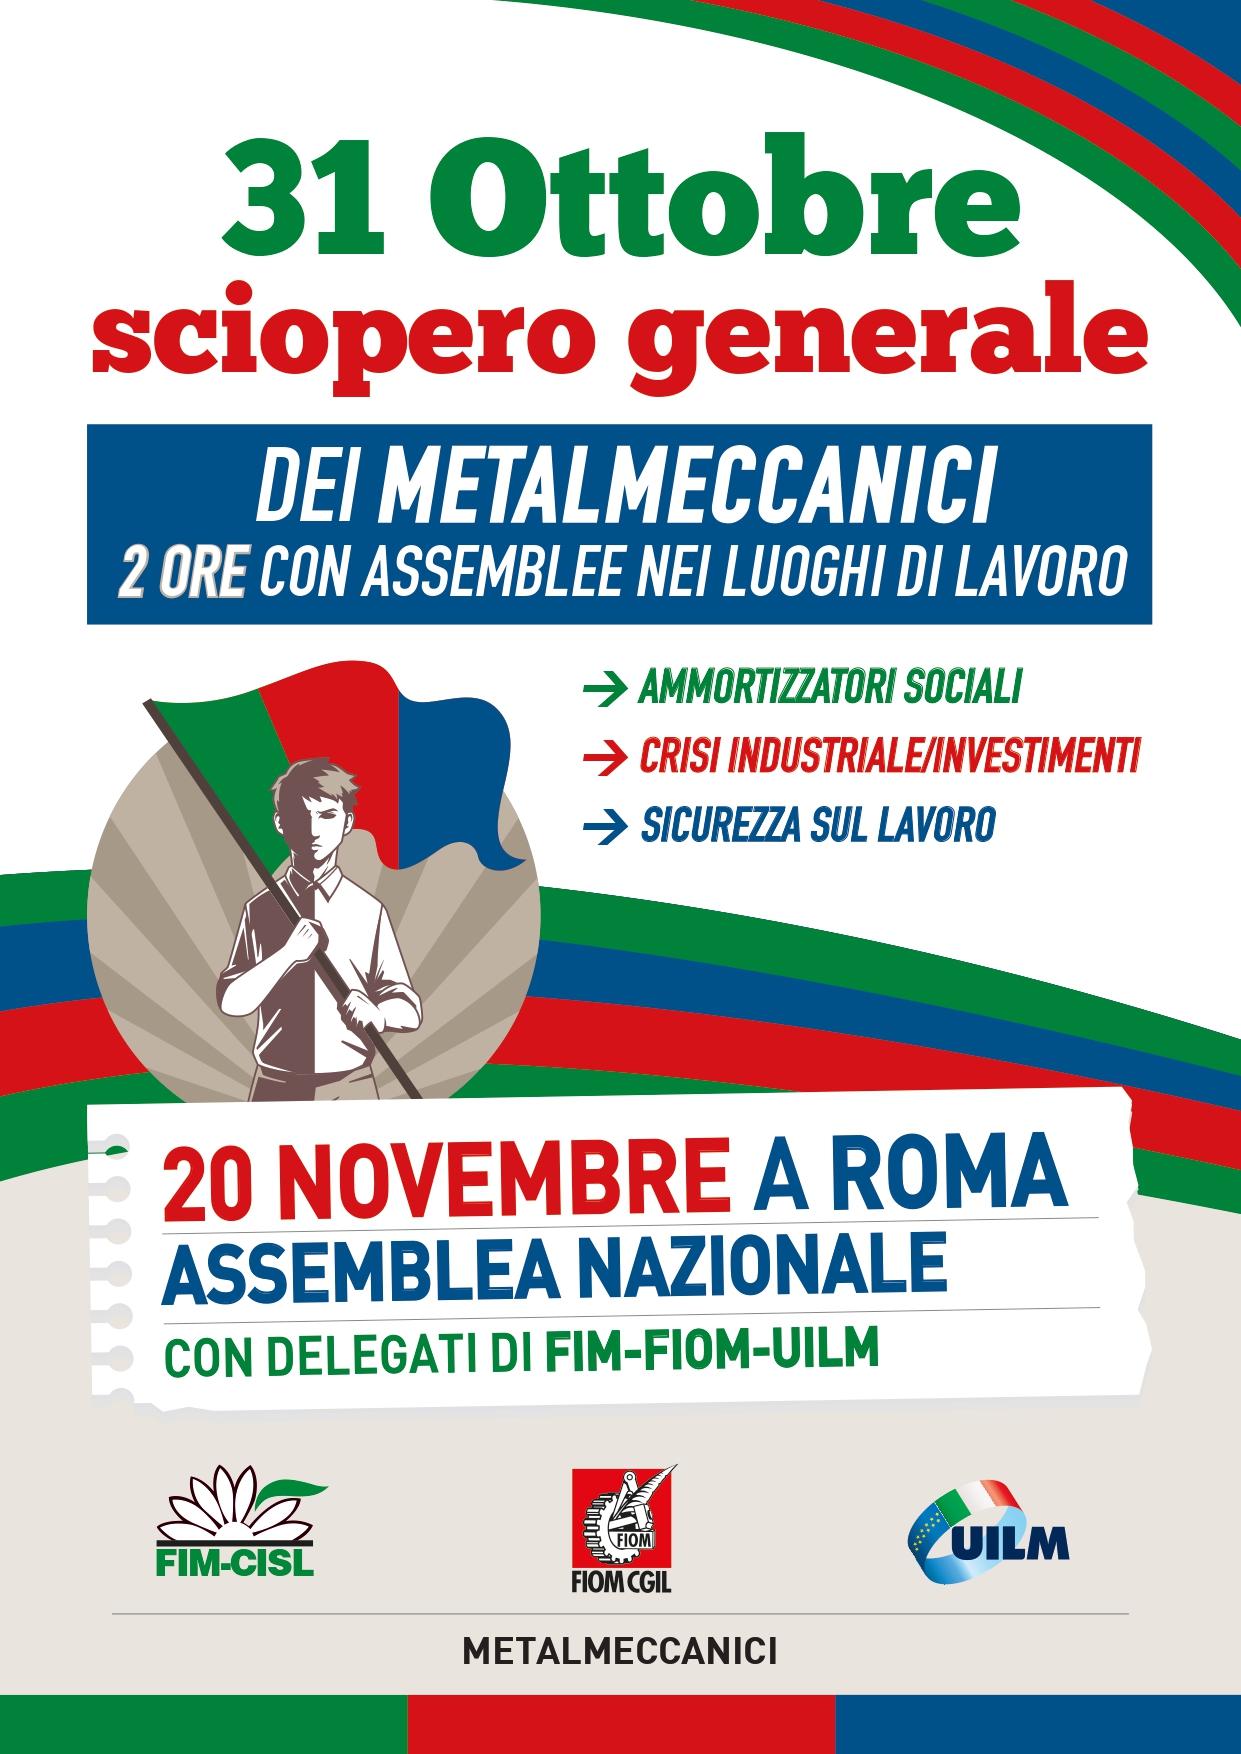 Giovedì 31 ottobre sciopero delle lavoratrici e dei lavoratori metalmeccanici